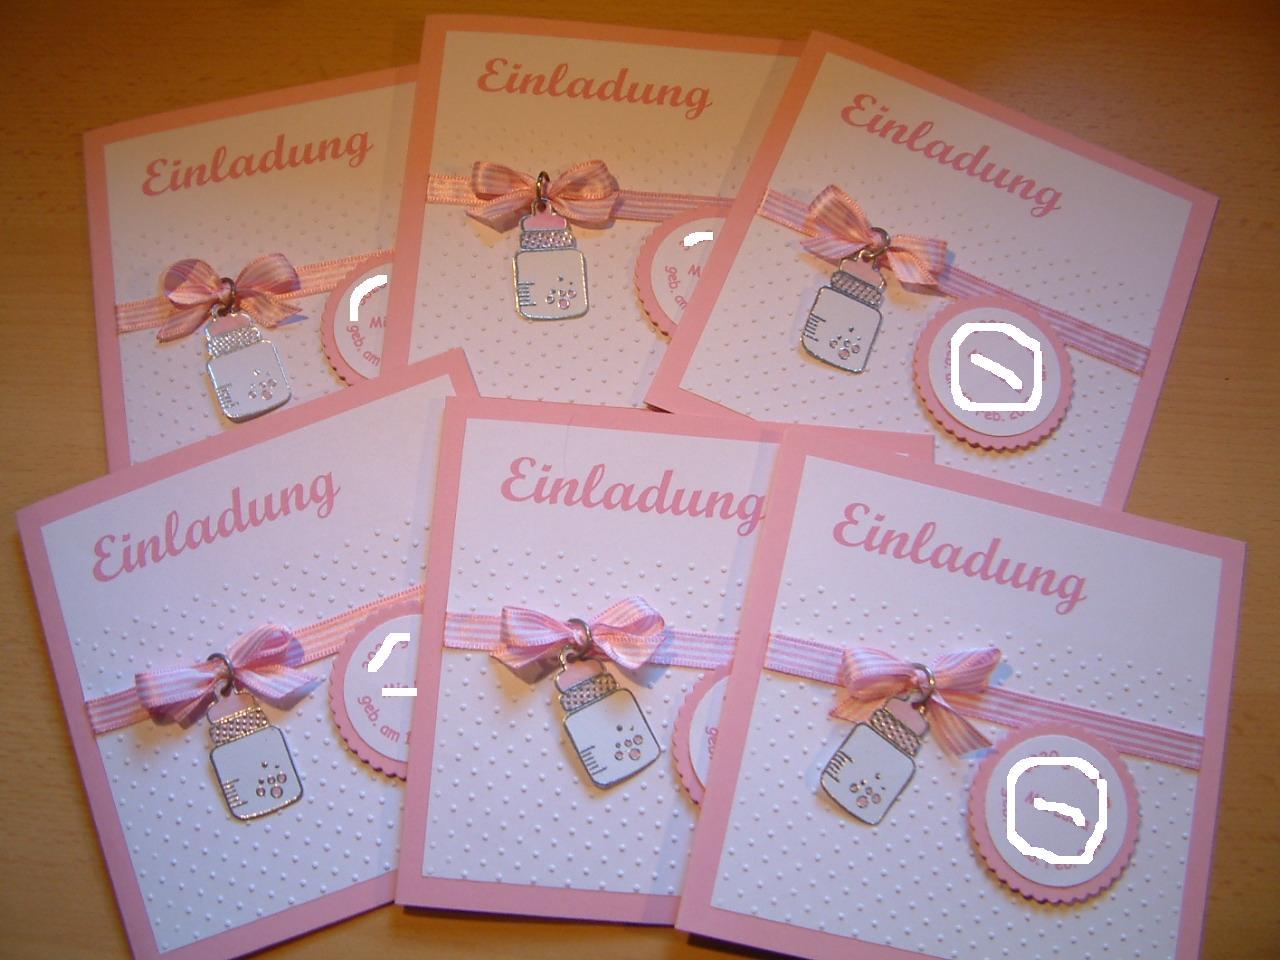 Einladungskarten Richtig Selbst Gestalten So Geht S: Marions Bastelstübchen: Taufeinladungskarten